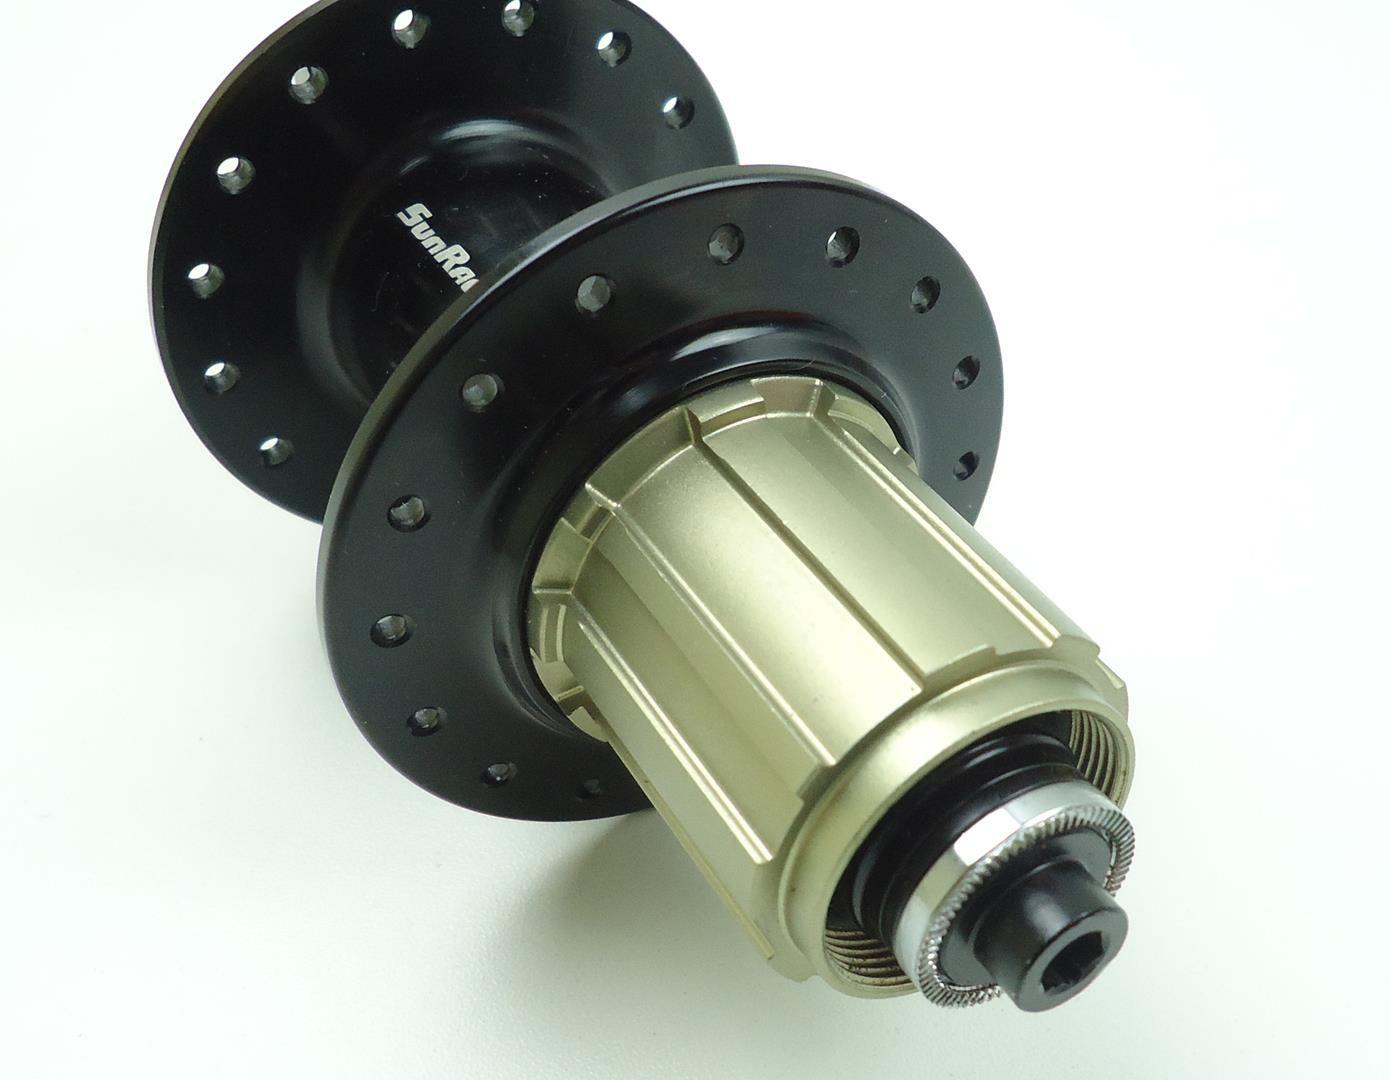 Cubo Traseiro Sunrace MX90 135 x 10mm 32 Furos com Rolamentos Para Cassetes Sunrace 10-50